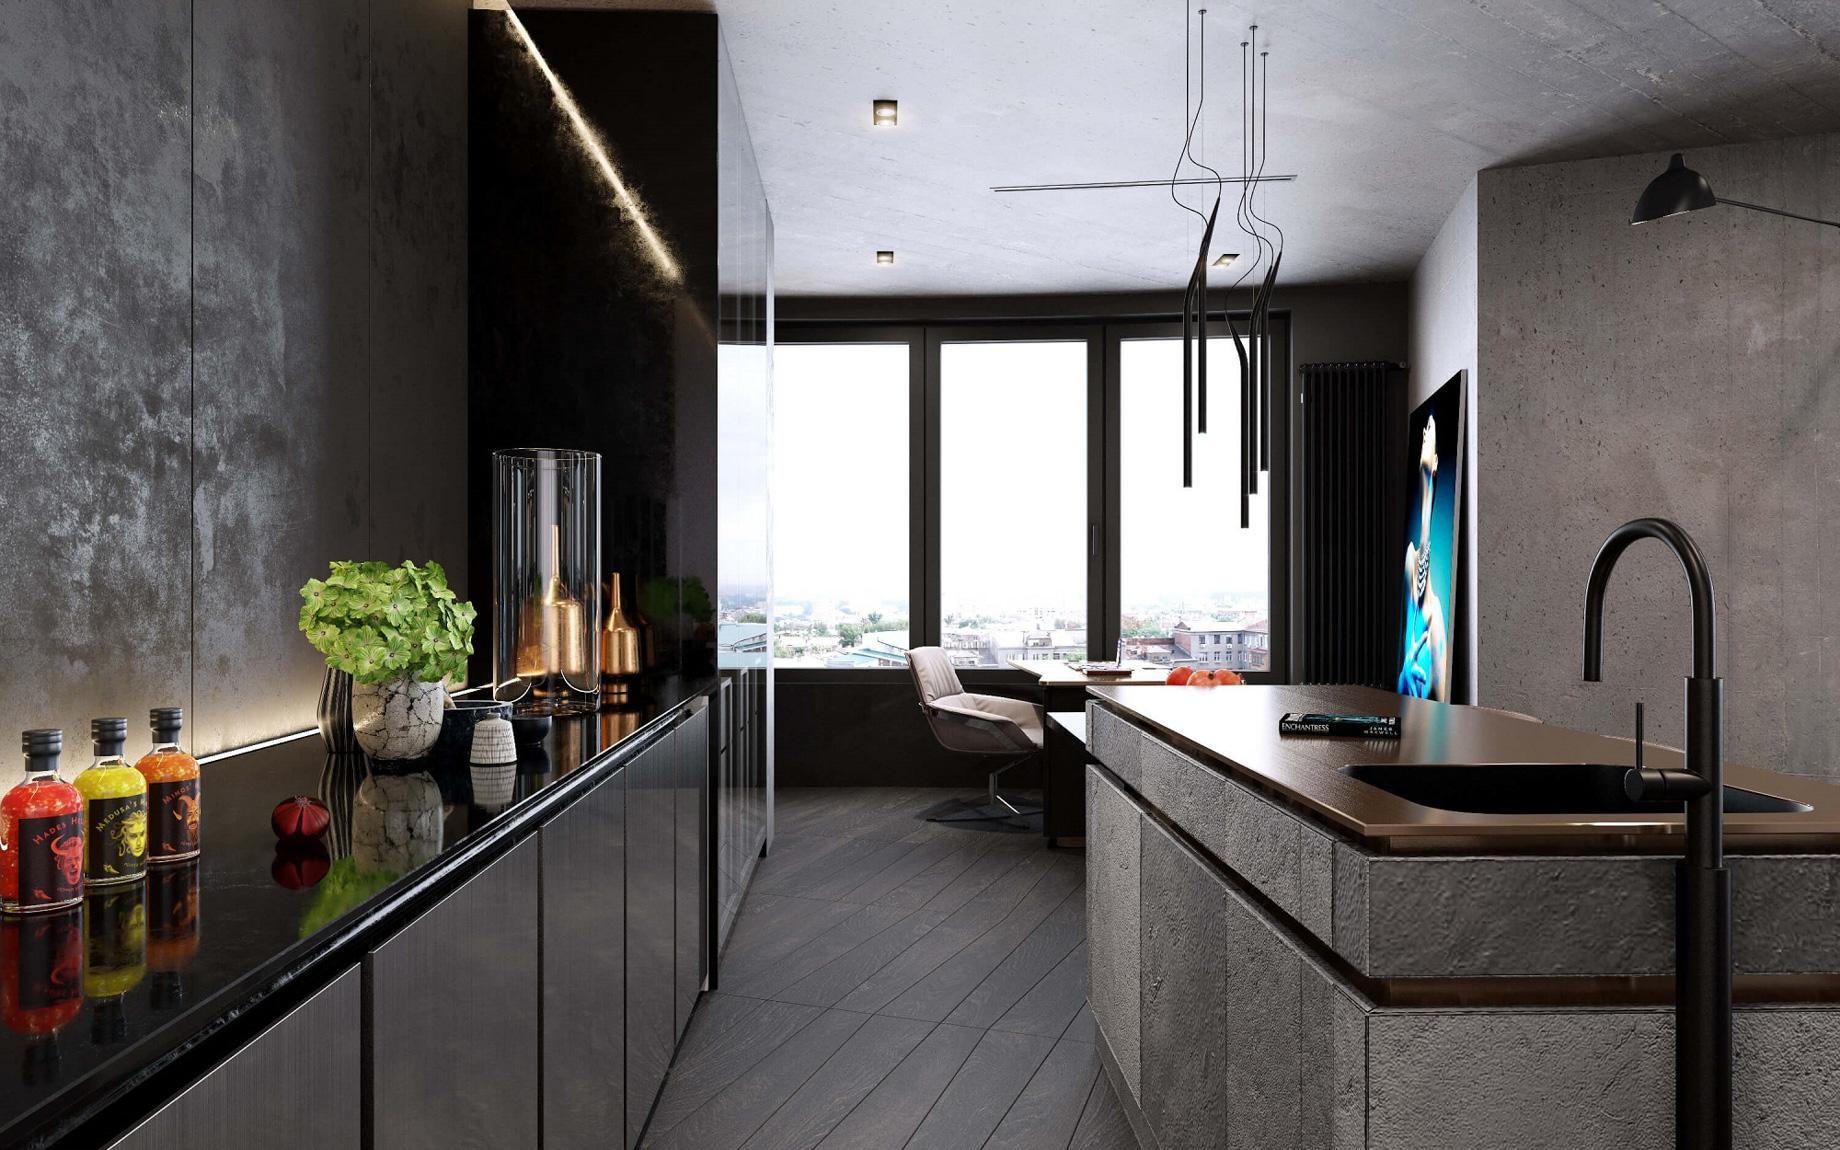 Concrete Loft Apartment Interior Design Kiev, Ukraine – Olga Korniienko